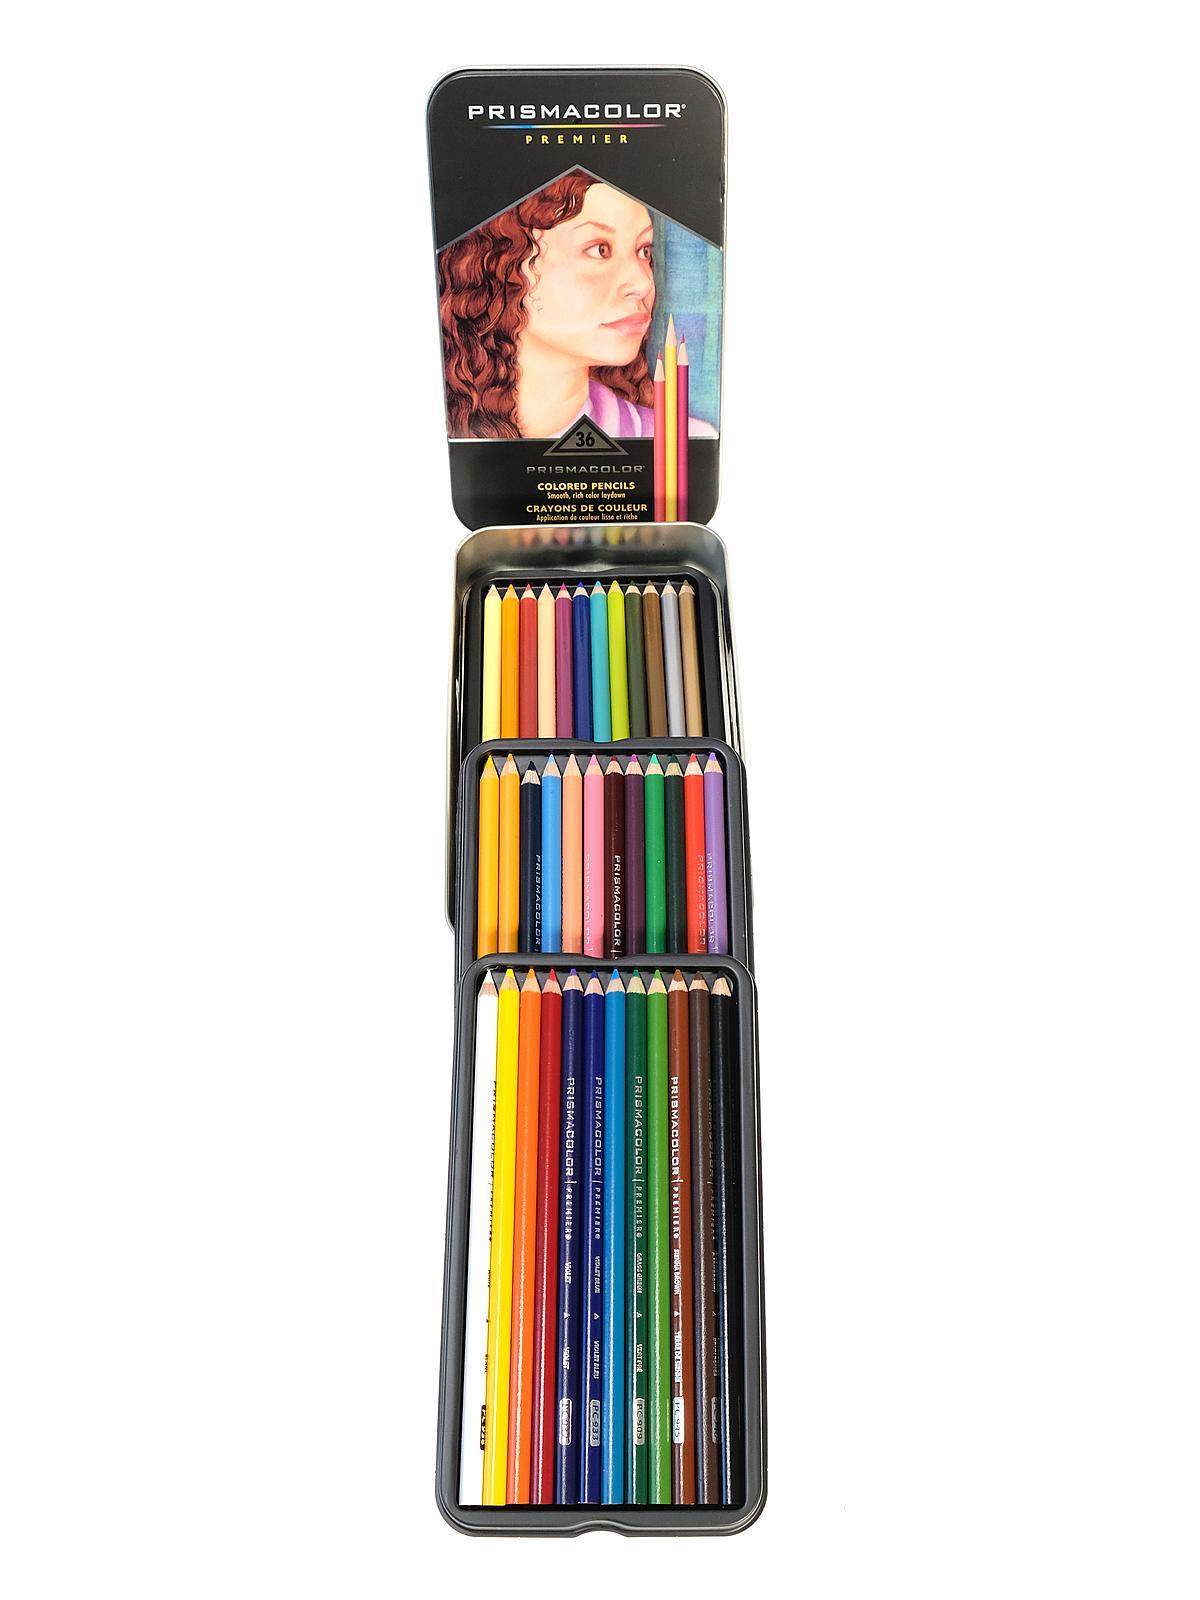 S Prismacolor Premier Portrait Set